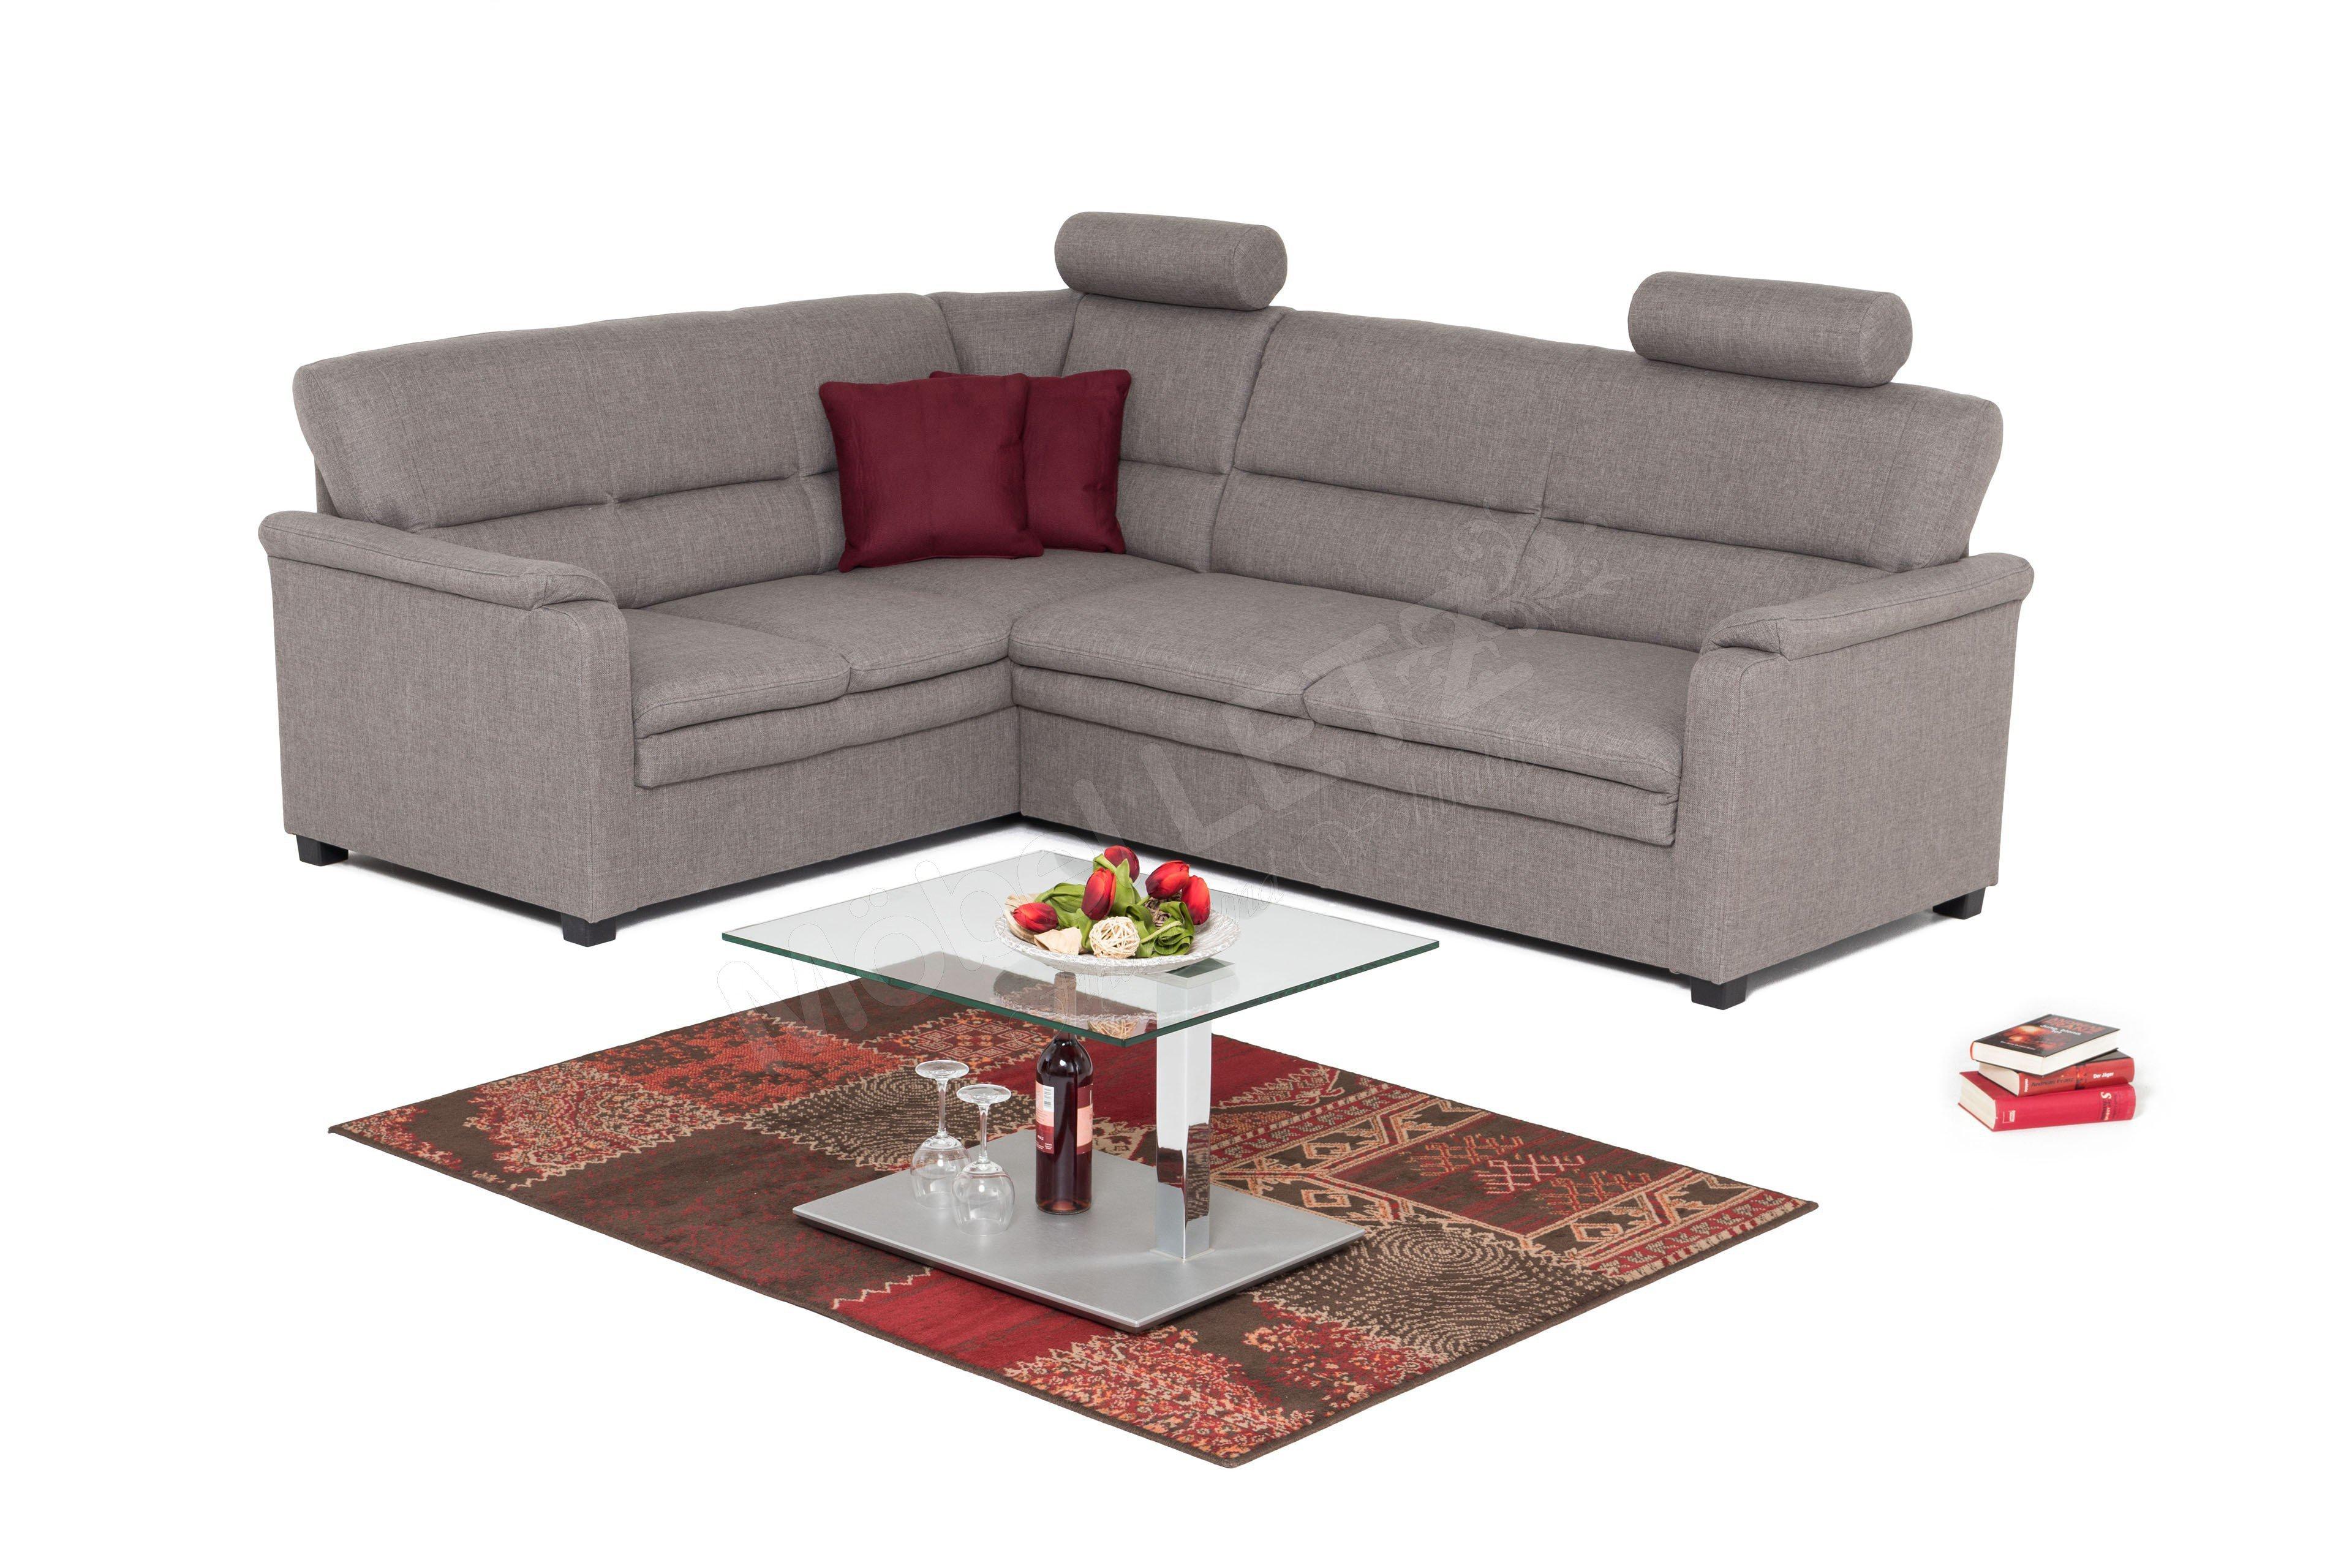 sit more home basic pisa polstergarnitur grau m bel. Black Bedroom Furniture Sets. Home Design Ideas